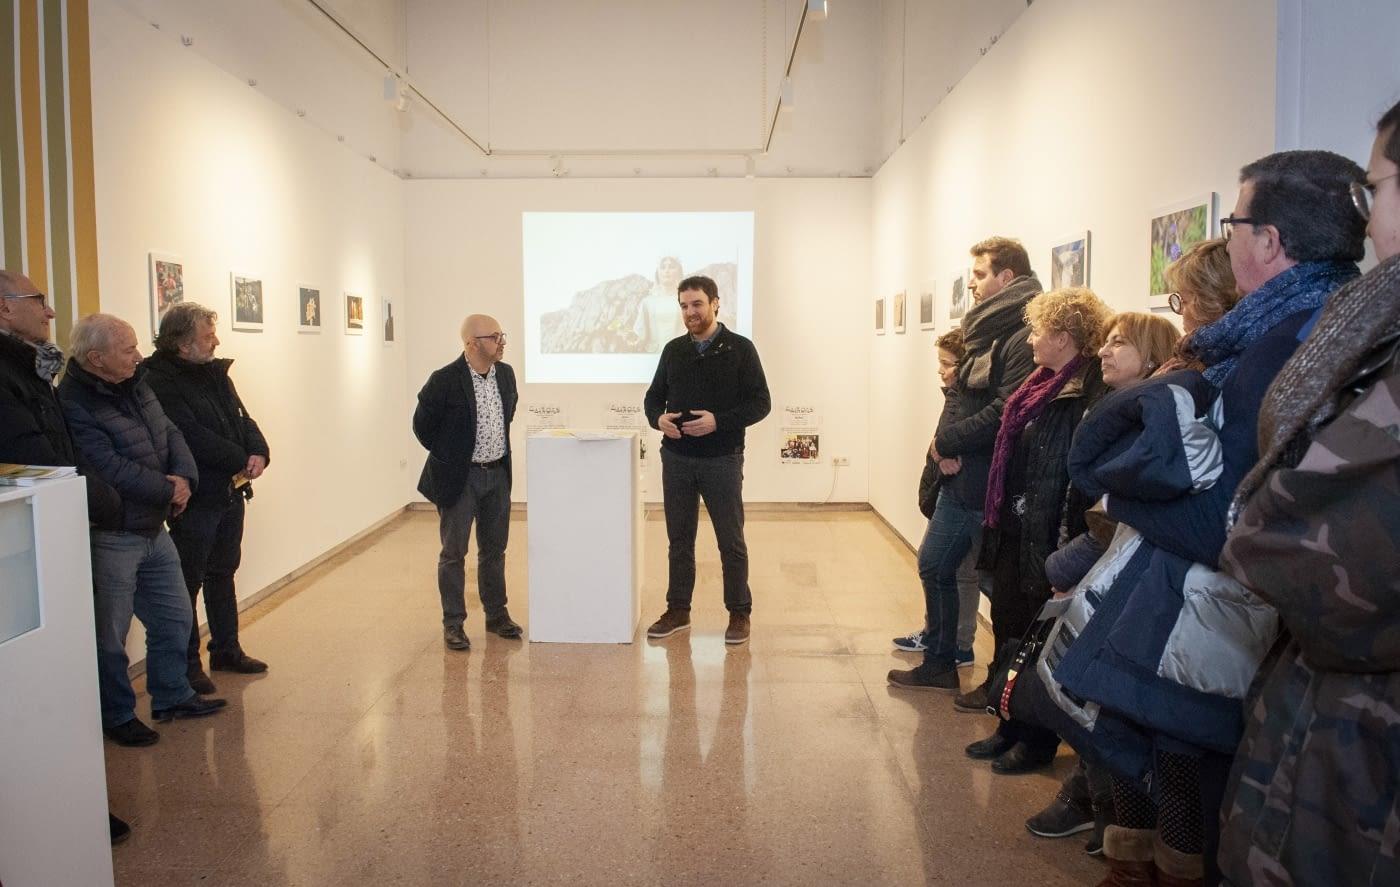 La Sala Marsà de Tàrrega exhibeix el treball dels alumnes del curs de fotografia digital impartit per Jaume Solé